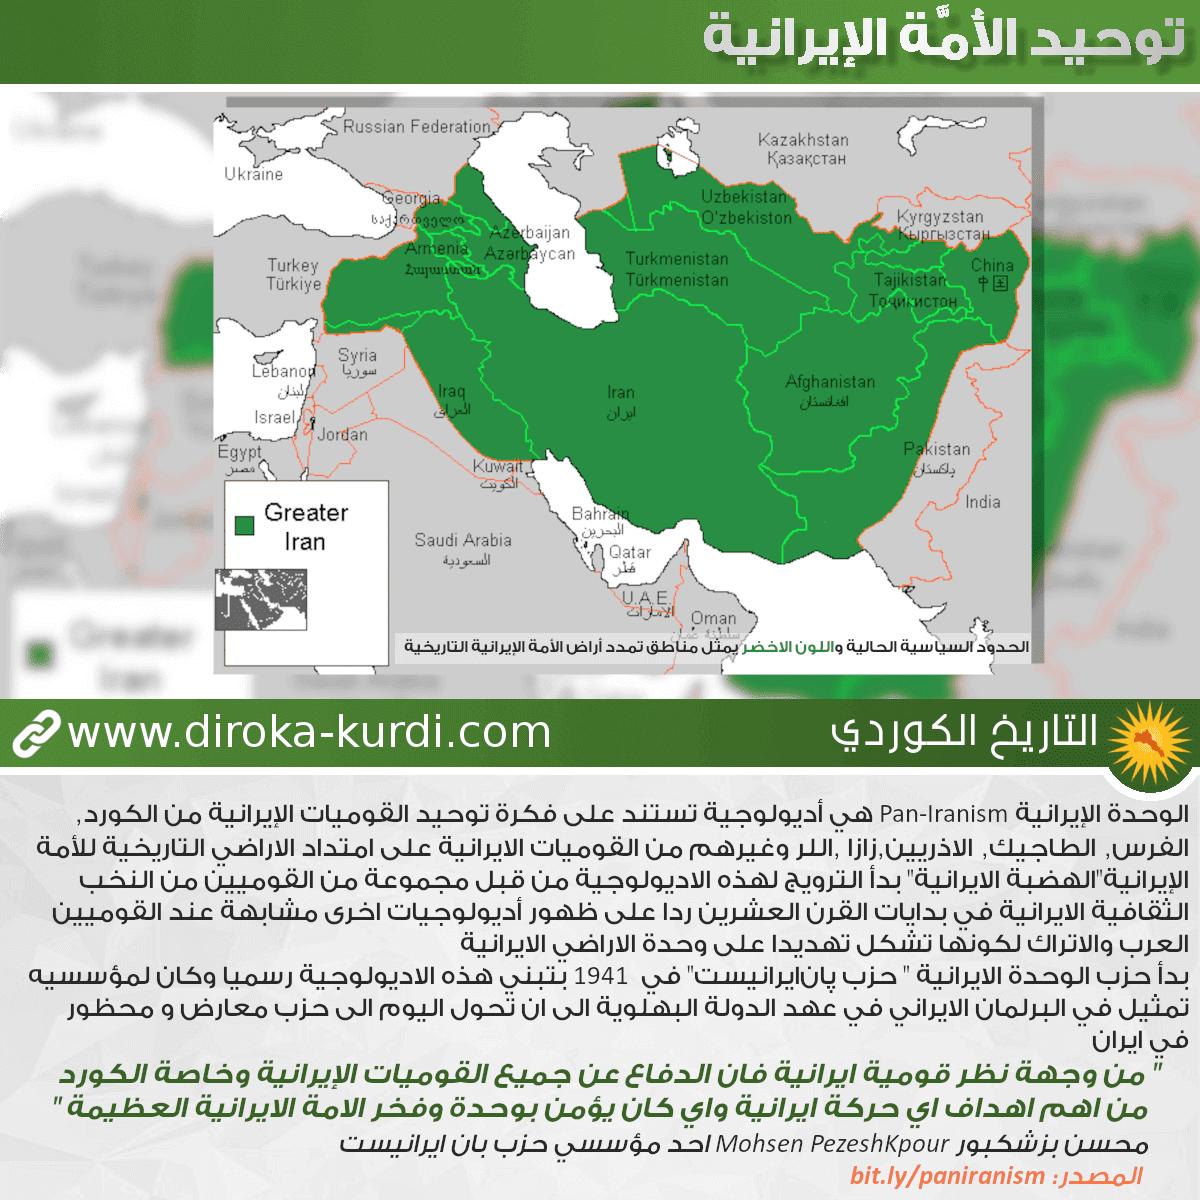 توحيد الأُمَّة الإيرانية